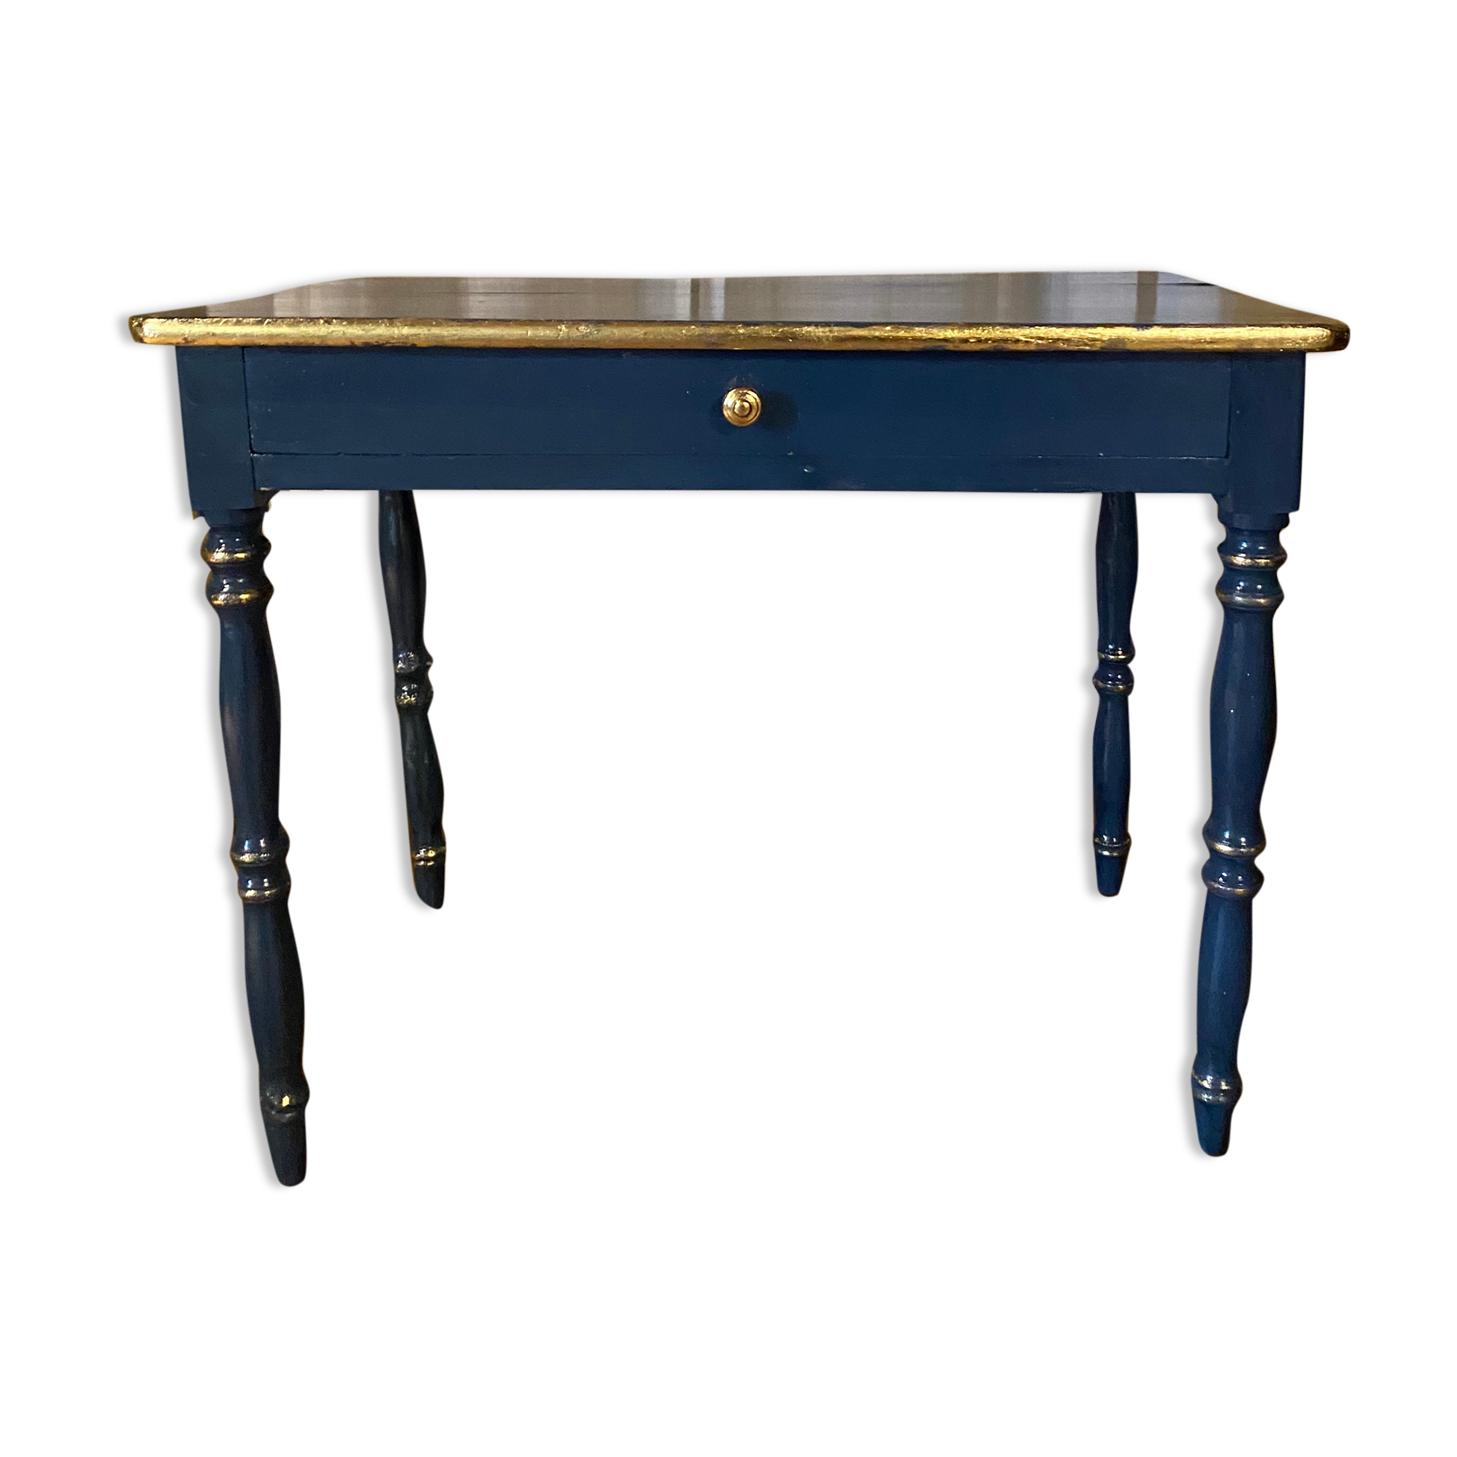 Table ancienne laquée aux contours dorés  à la feuille d'or